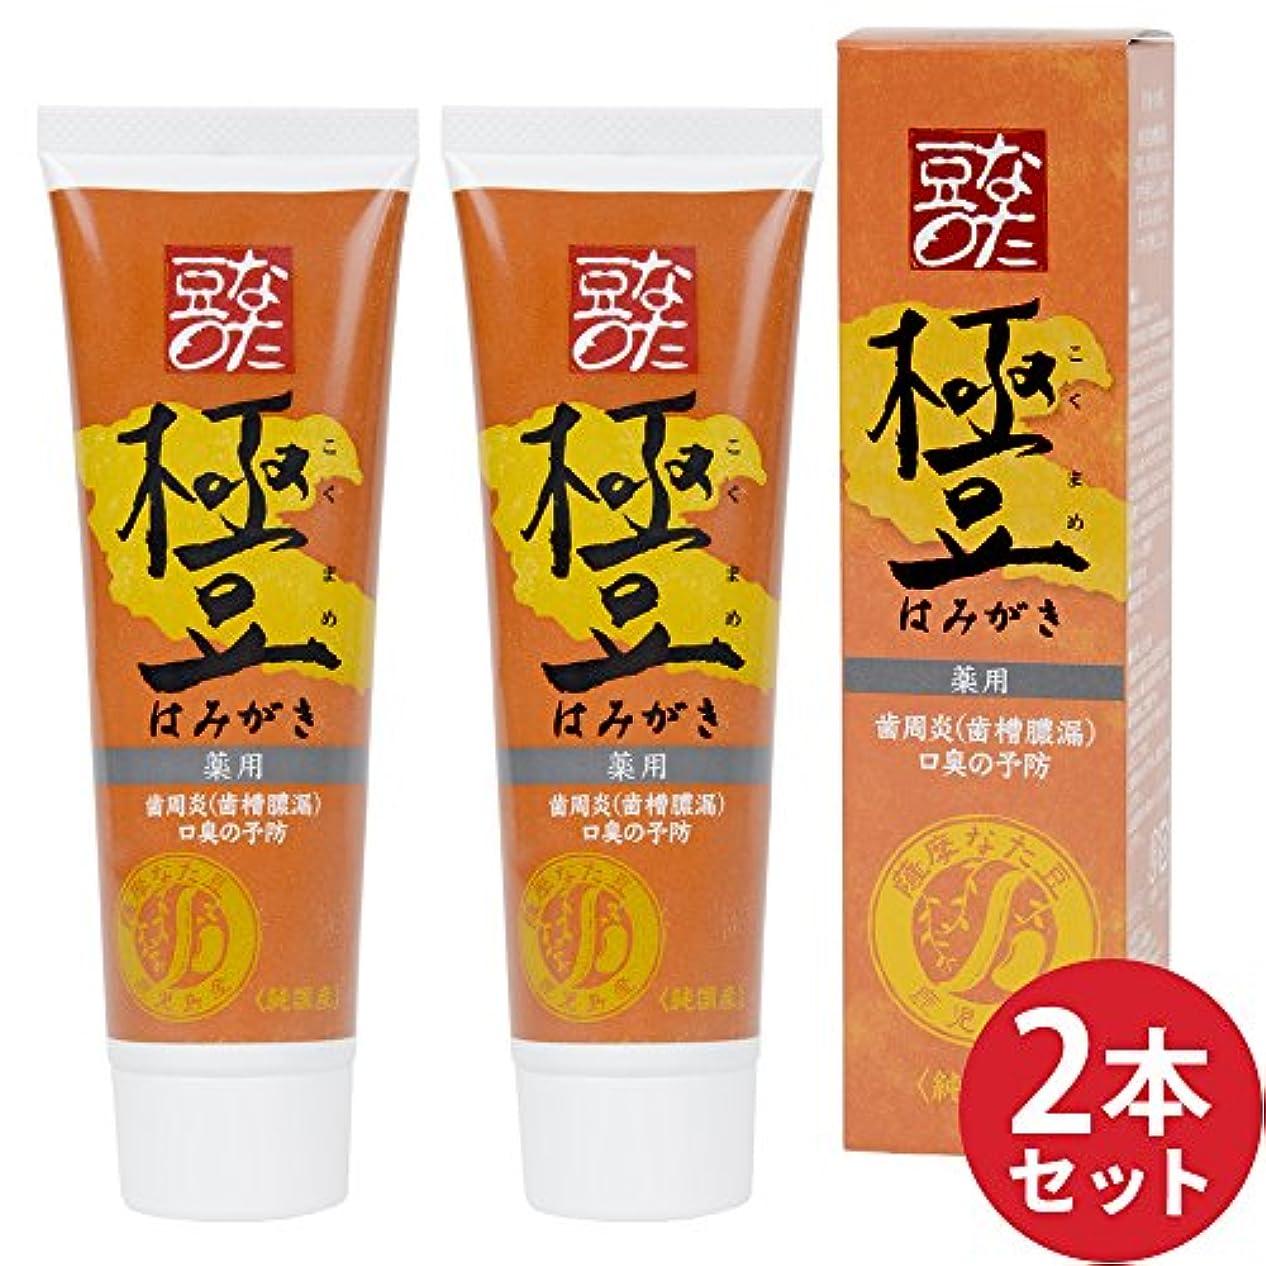 どれバンスリンク2本セット【薬用】薩摩なた豆歯磨き(内容量:110g×2)